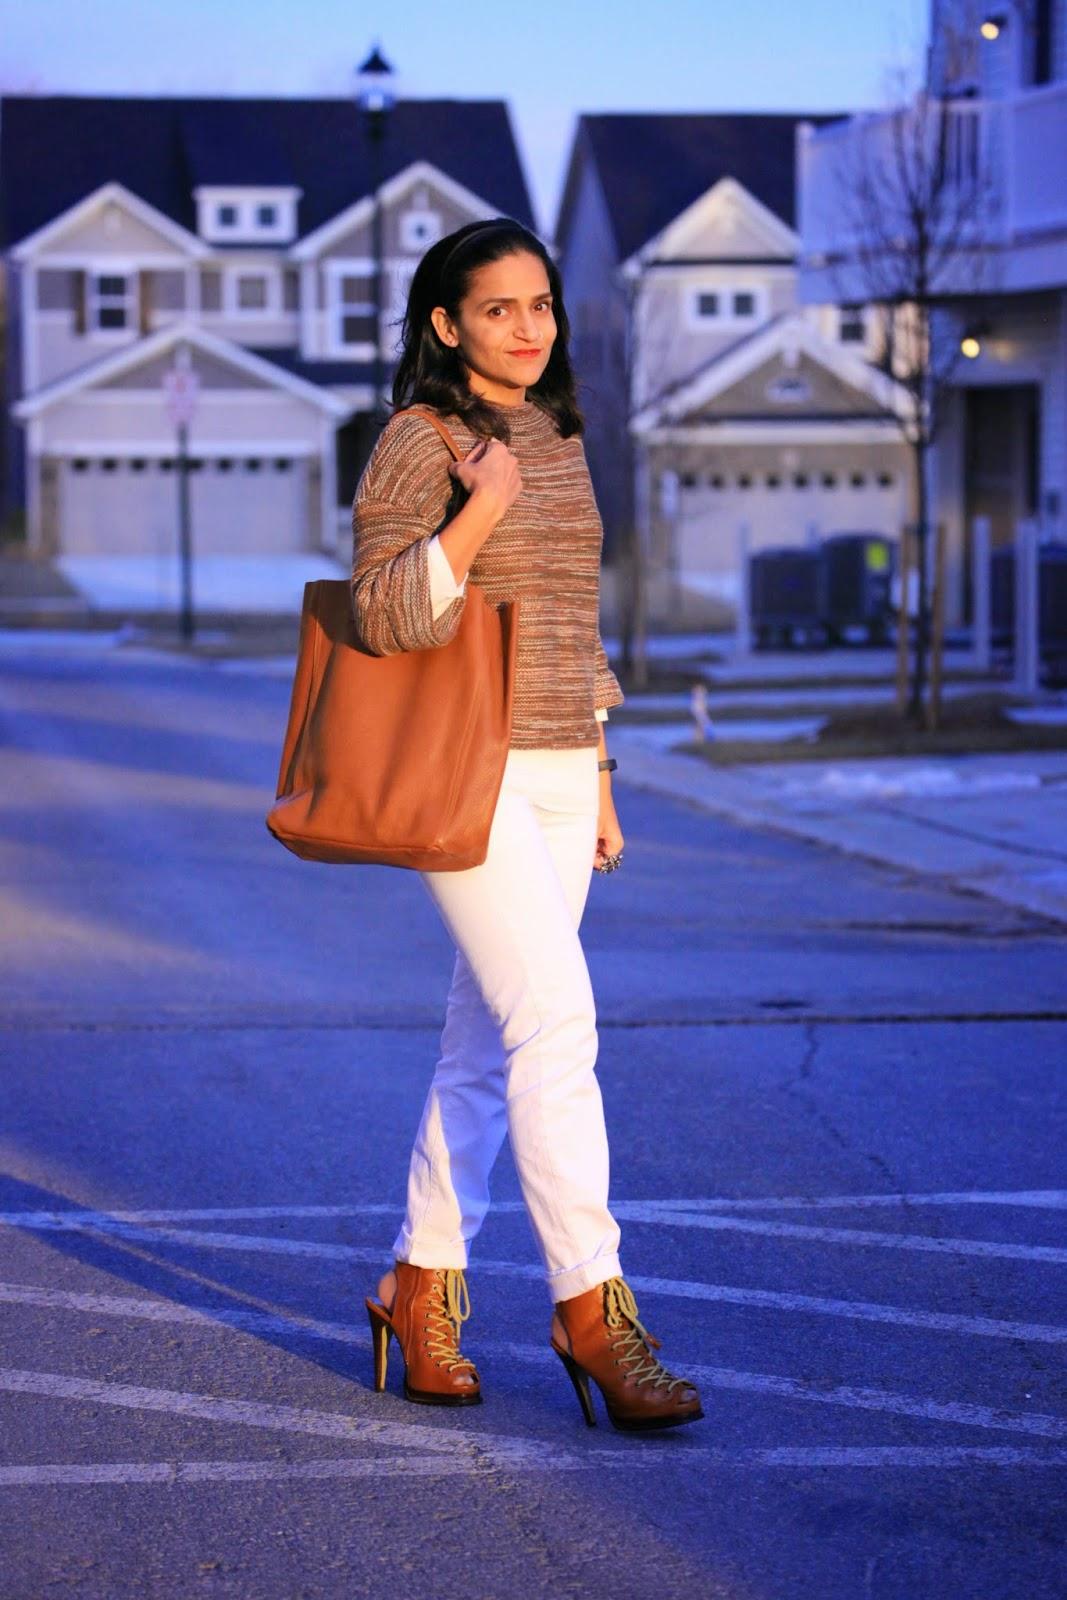 Sweater - GAP Jeans - GAP Shoes - ASOS Bag - Cuyana Tanvii.com